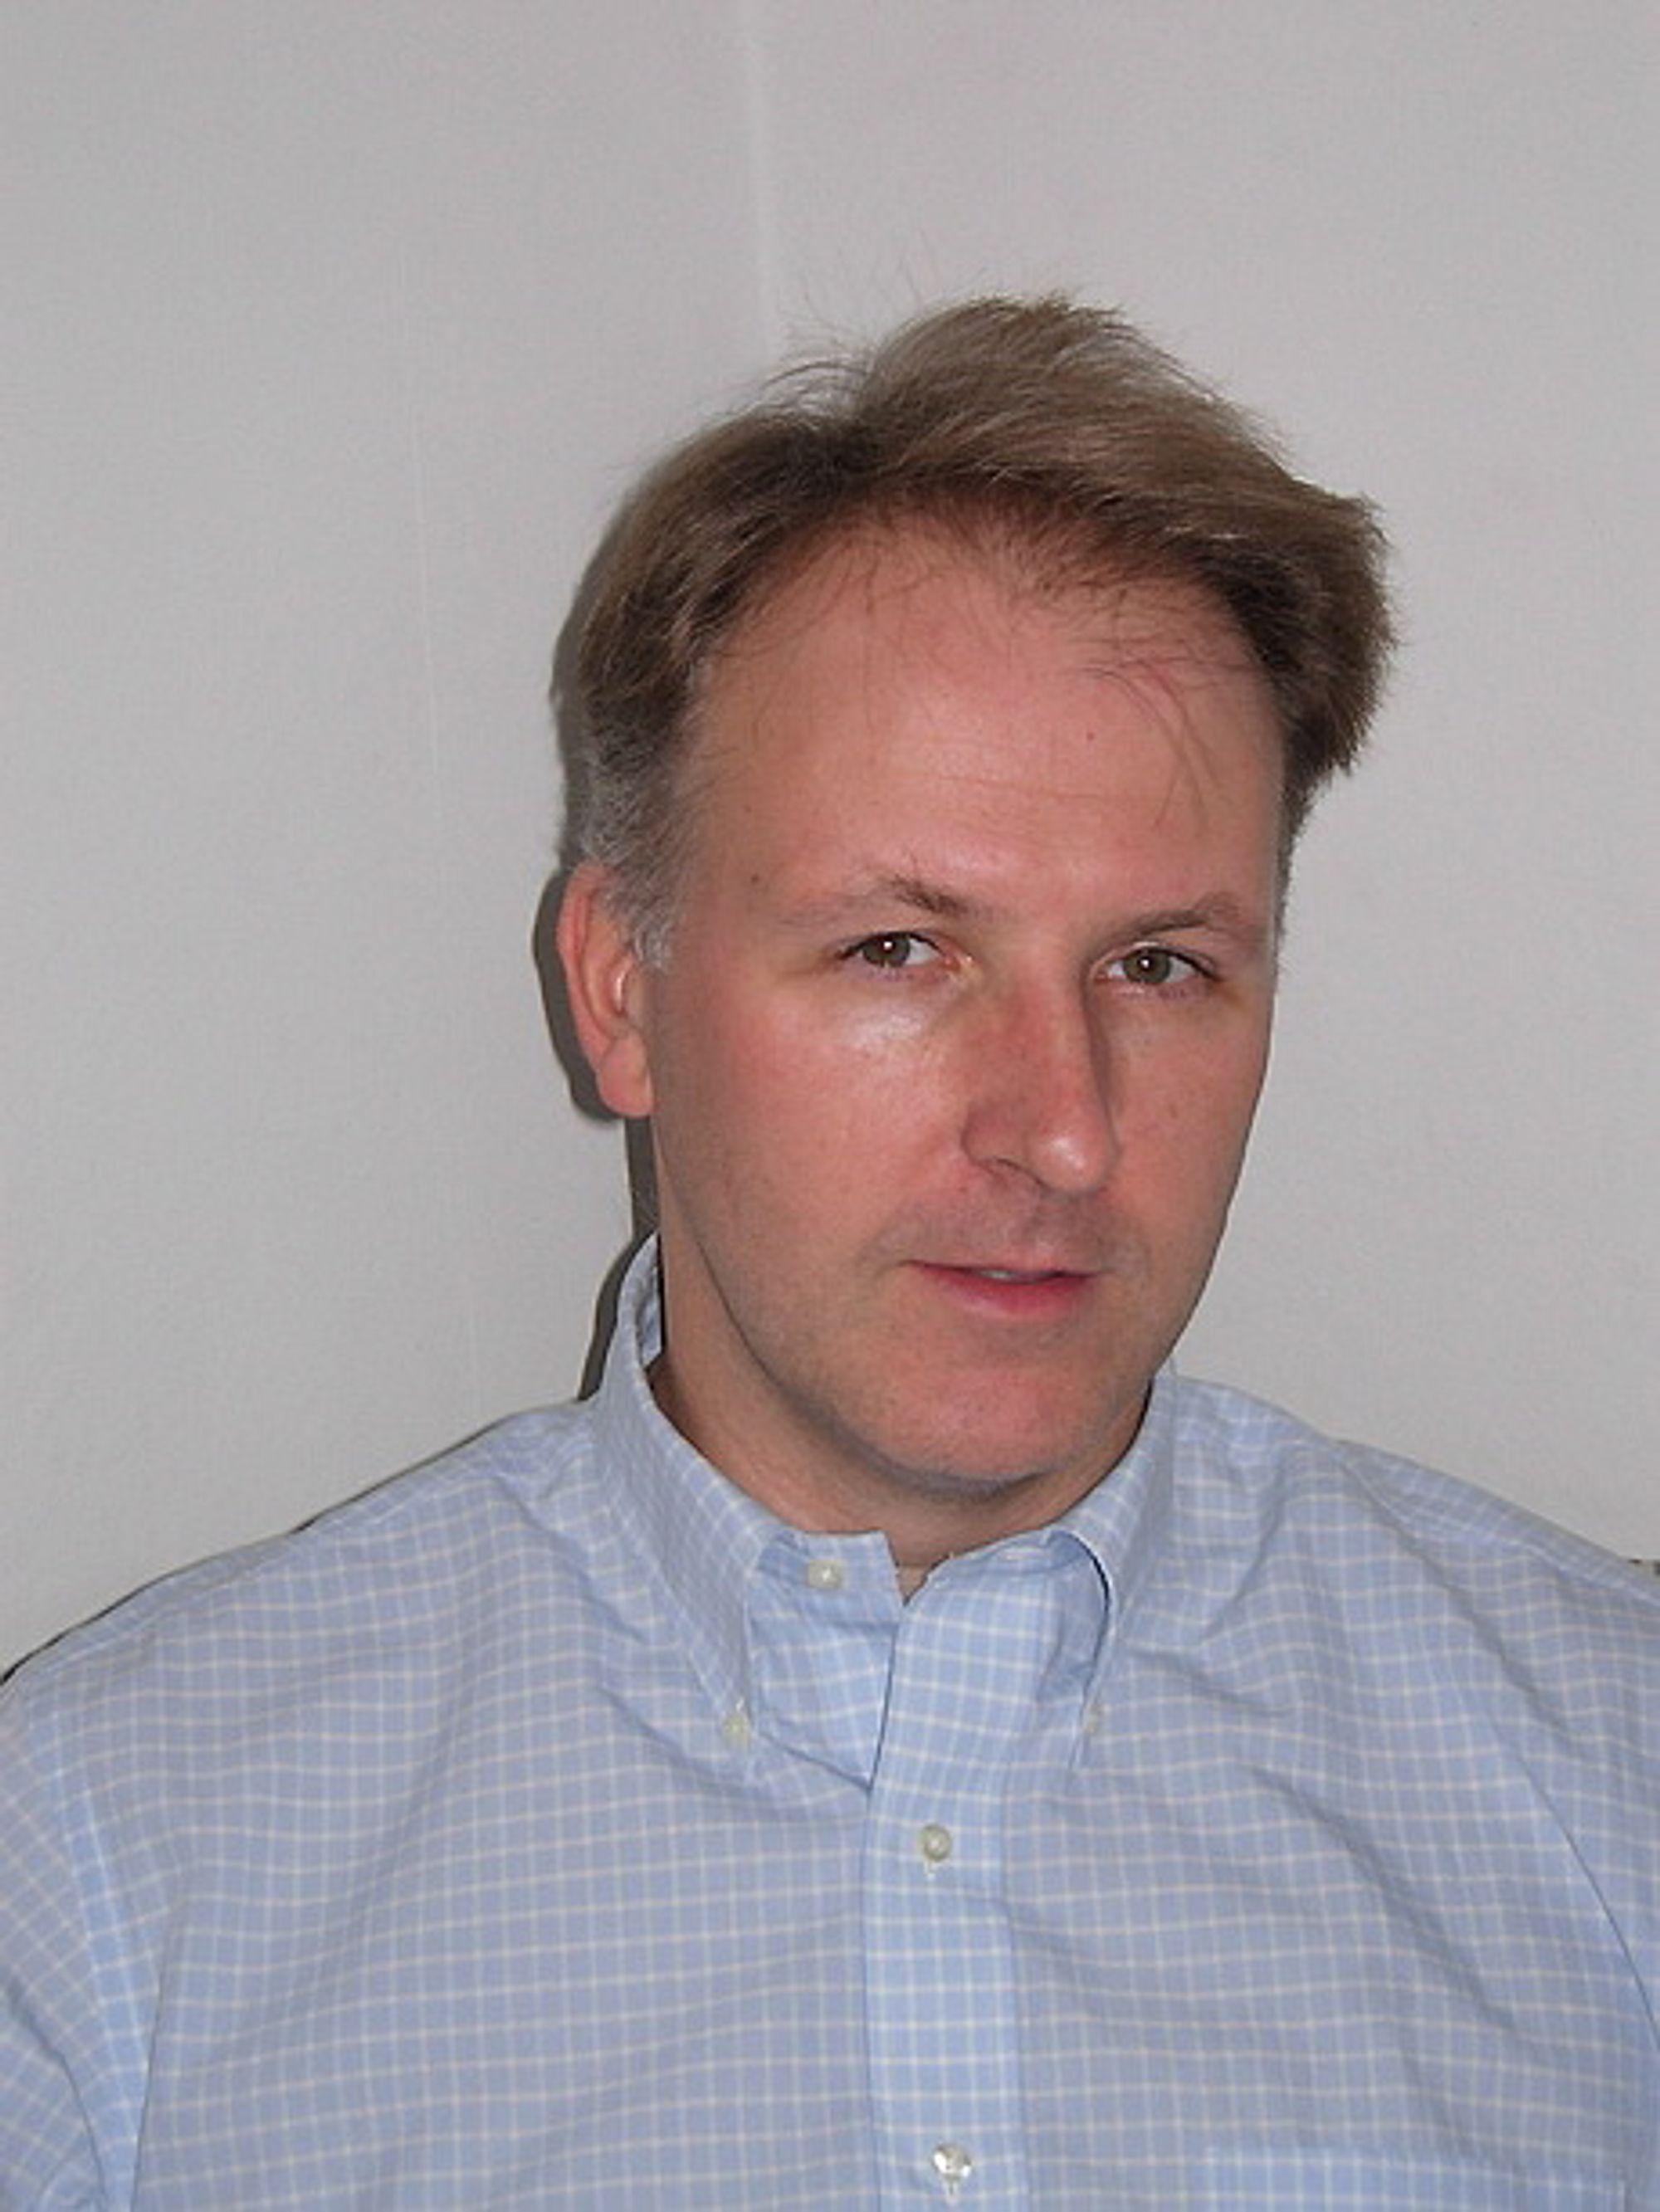 Lagringsguru: Forskningsdirektør for lagringsteknologi og strategi i analyseselskapet Gartner, Valdis Filks tror det trengs ny teknologi for å håndtere veksten i datamengden.